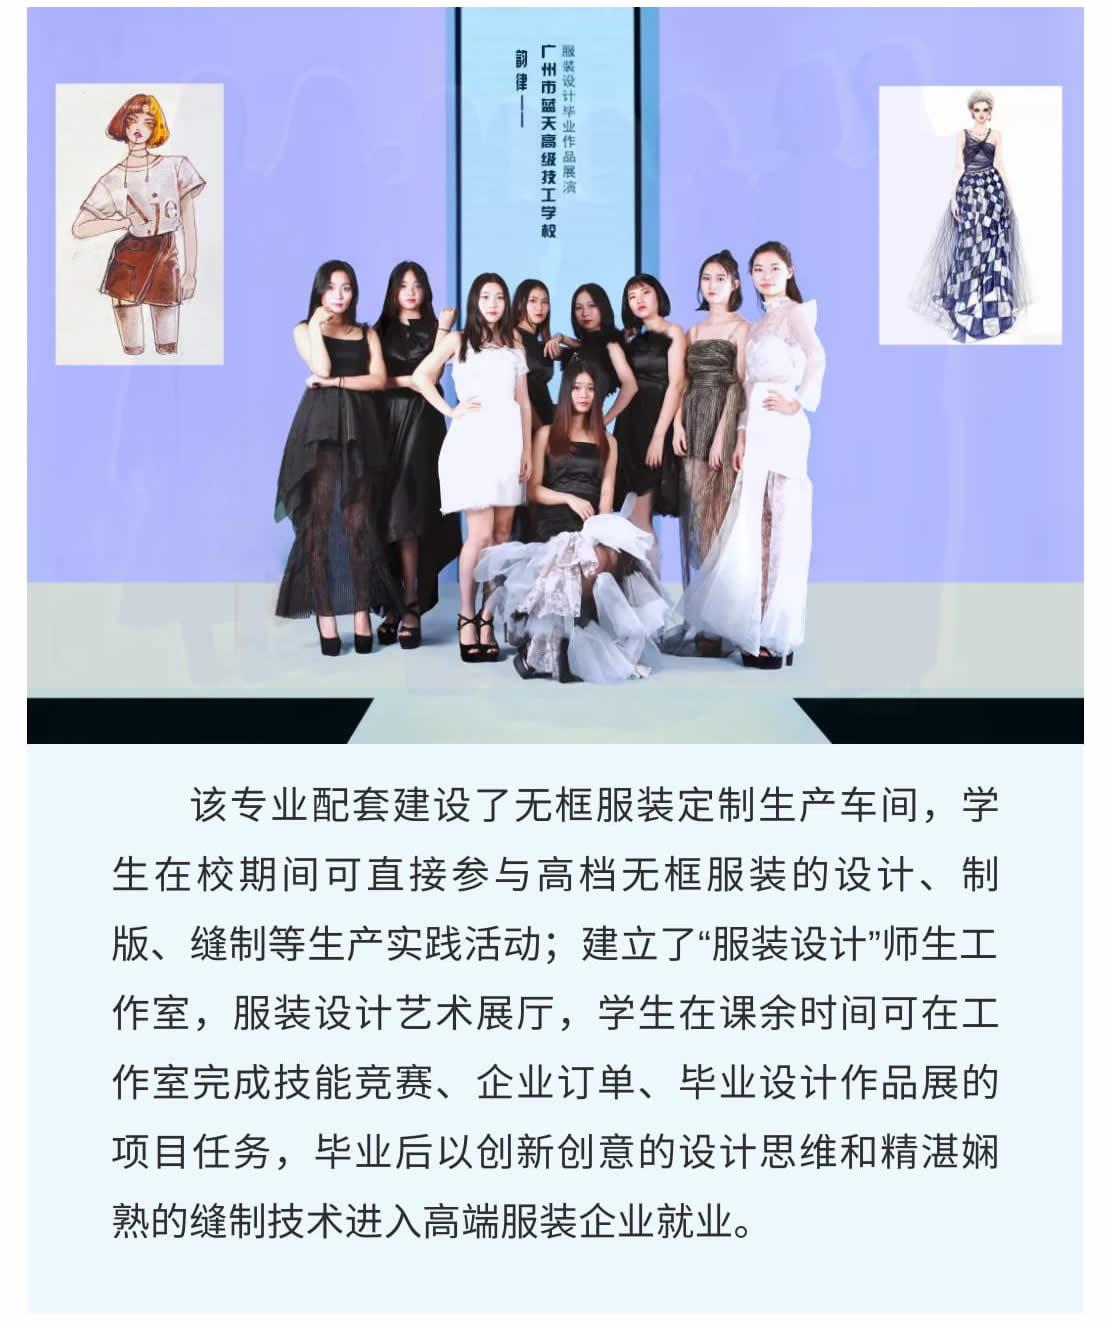 服装设计与制作(高中起点三年制)-1_r6_c1.jpg